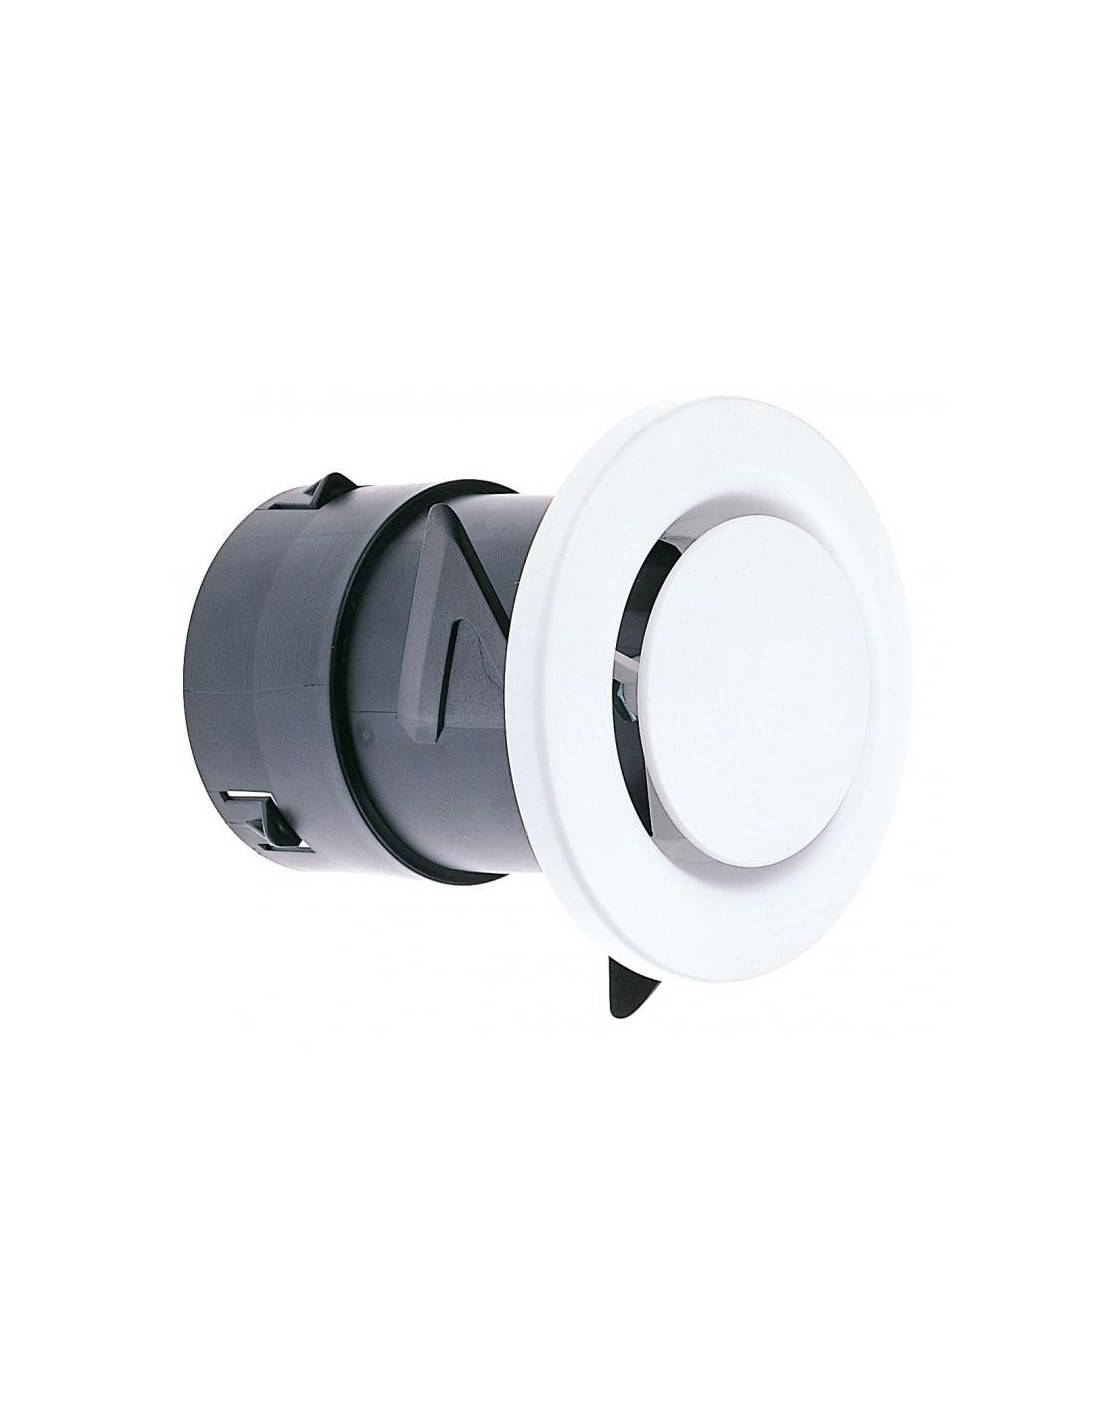 bouche de vmc diametre 80 r glables. Black Bedroom Furniture Sets. Home Design Ideas